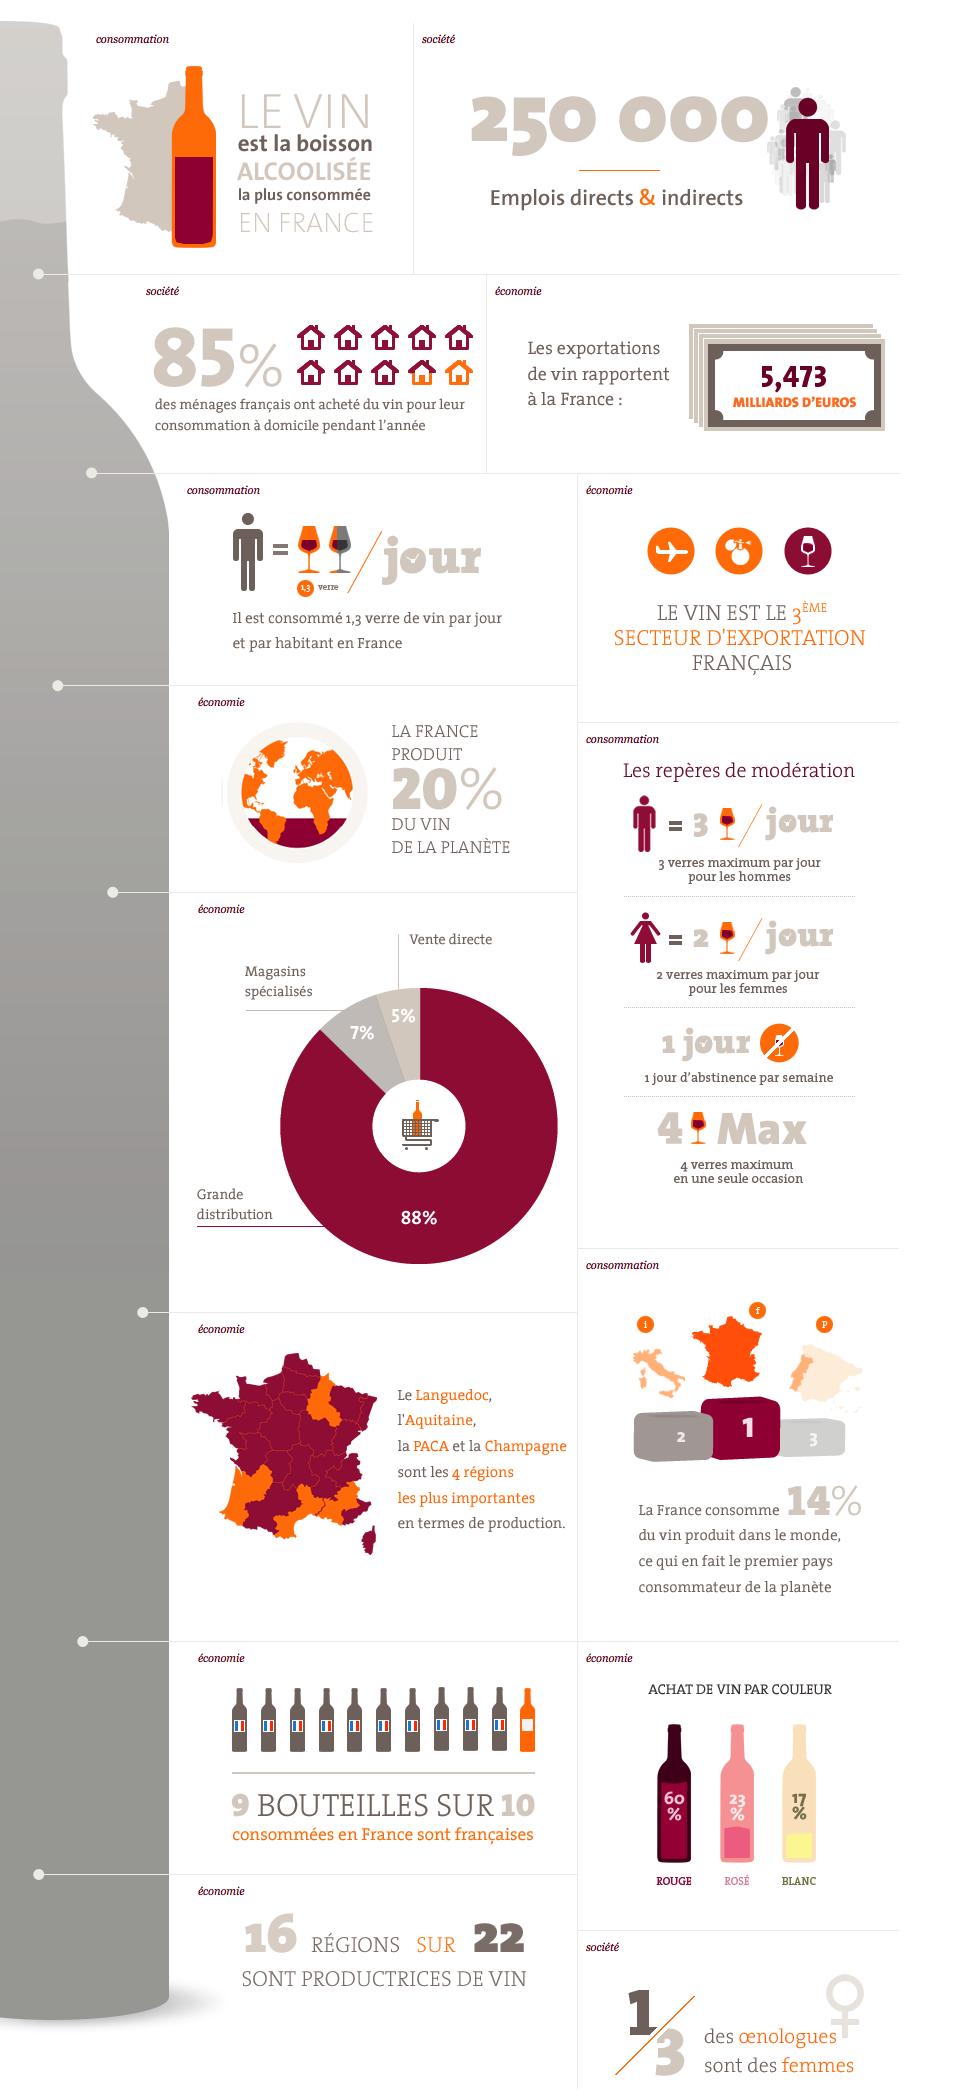 u0026quot le march u00e9 du vin en infographie u0026quot  dec